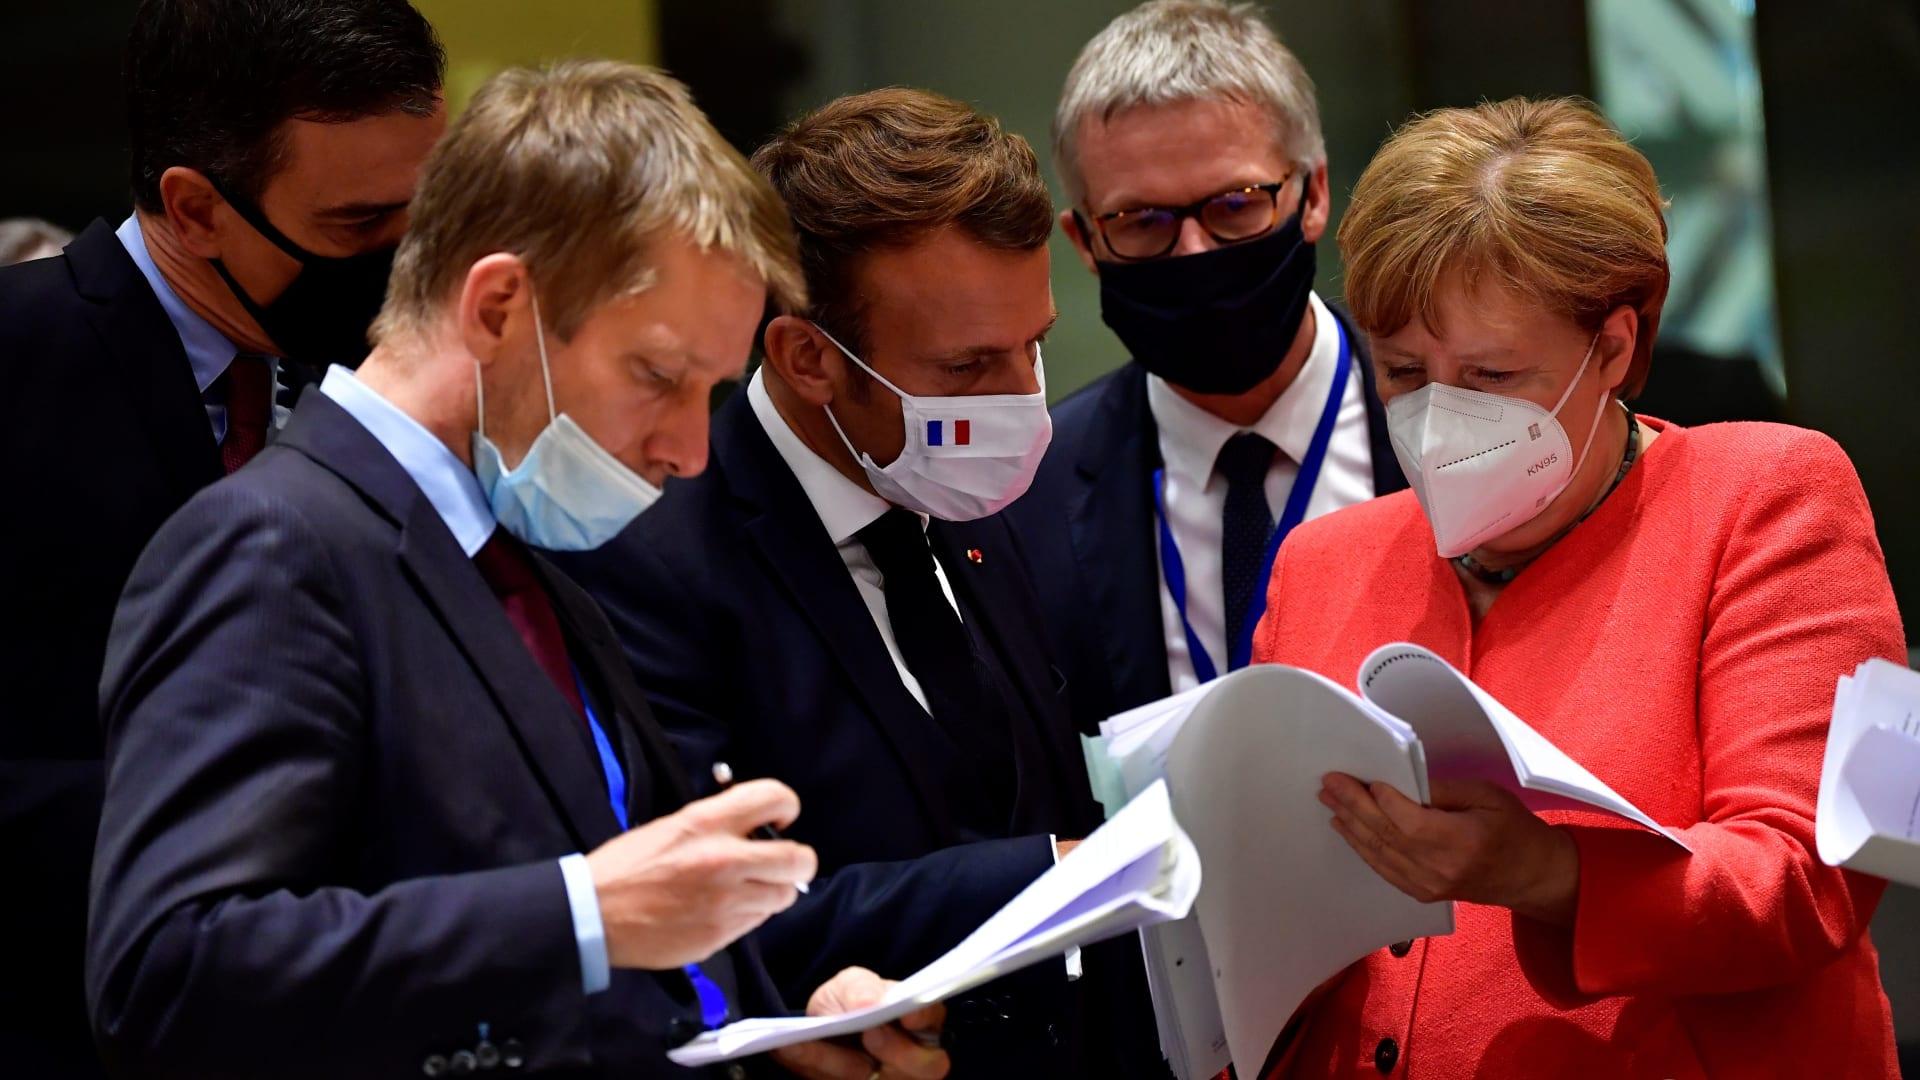 الاتحاد الأوروبي يسجل أسوأ انكماش اقتصادي منذ تأسيسه.. وإسبانيا تسقط في الكساد